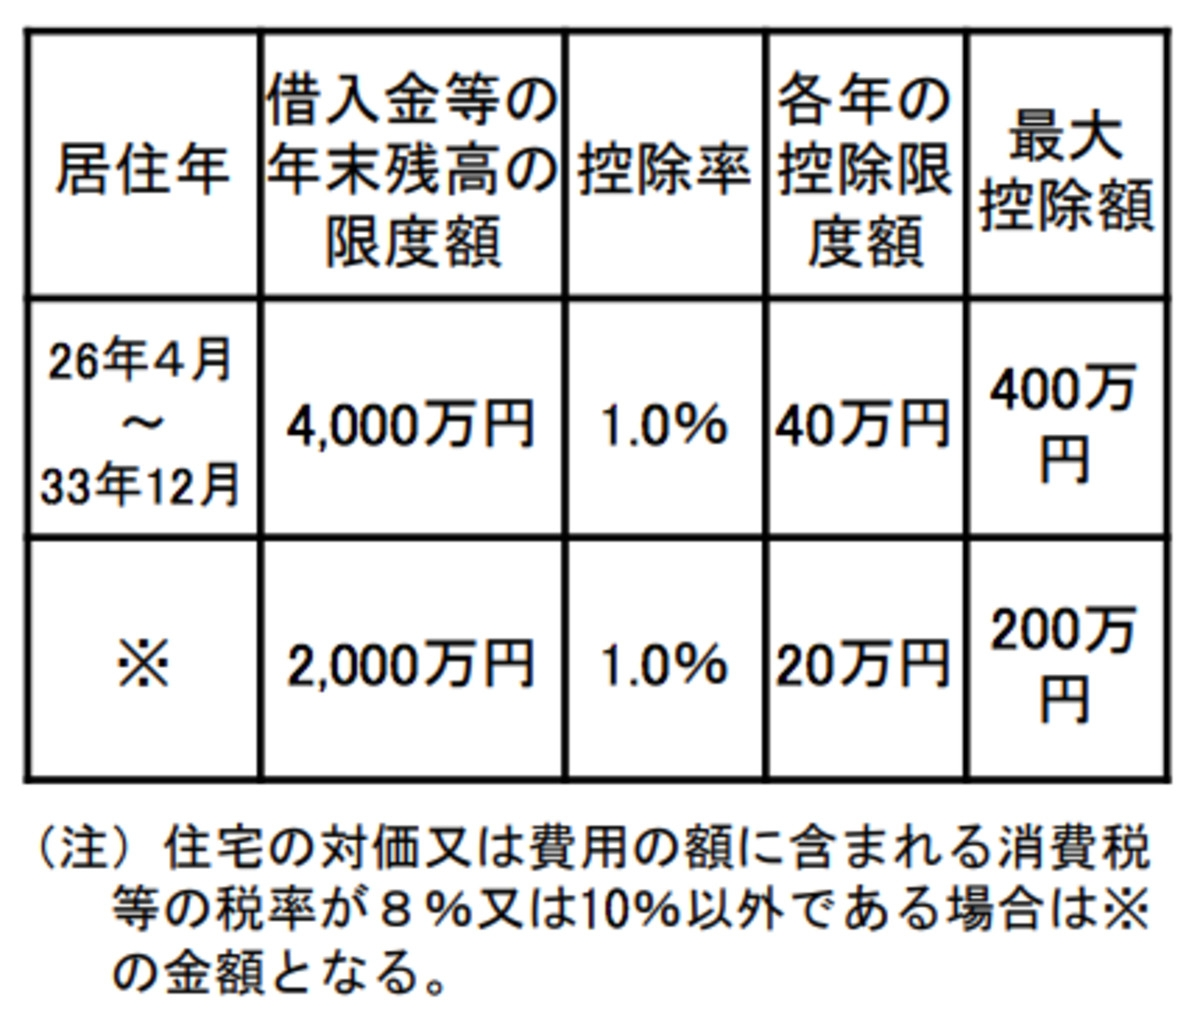 住宅ローン控除額(一般の住宅の場合)/財務省ウェブサイトより